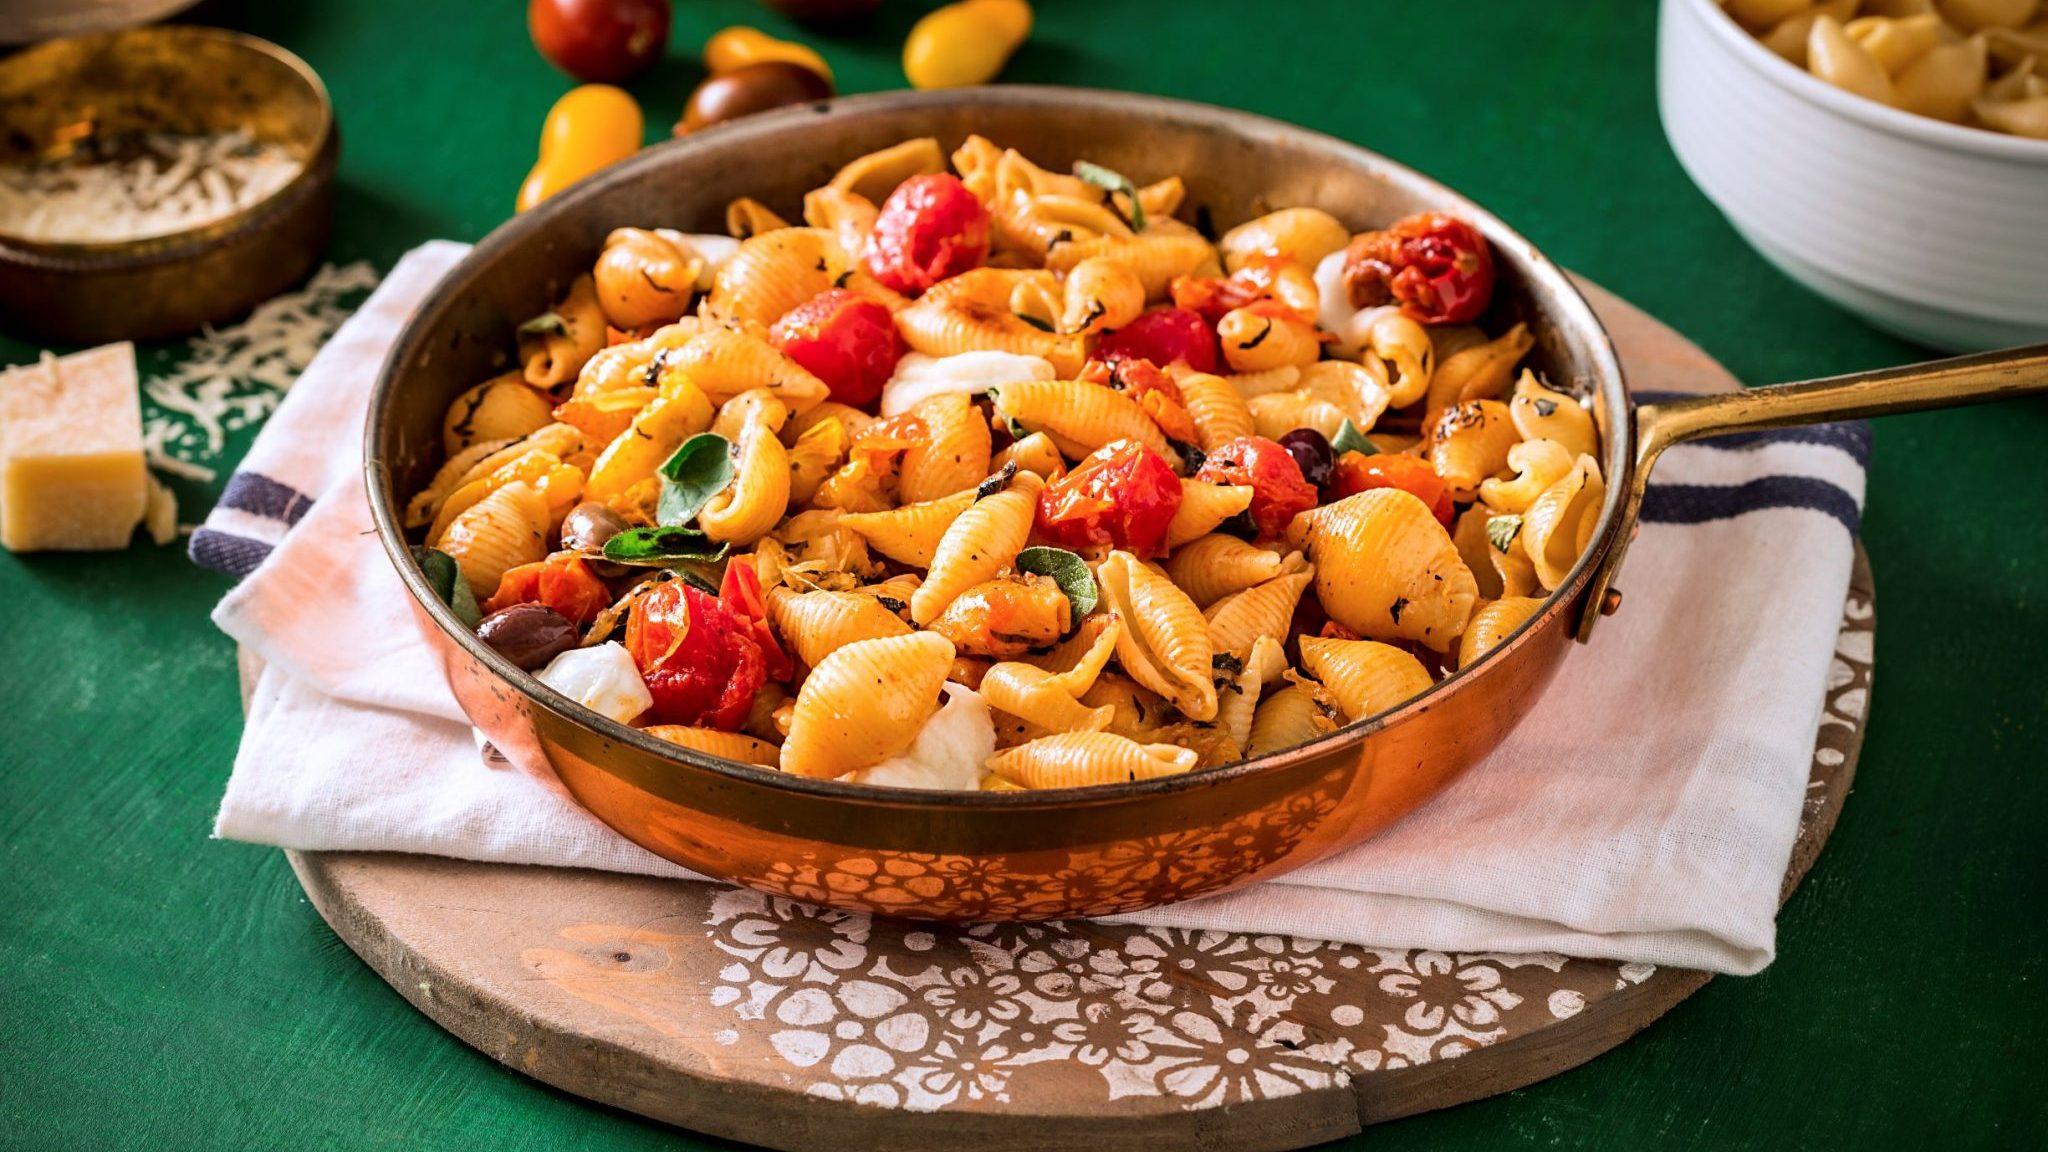 חגיגת קונצילה ריגטה עם עגבניות שרי צלויות, קלמטה ומוצרלה